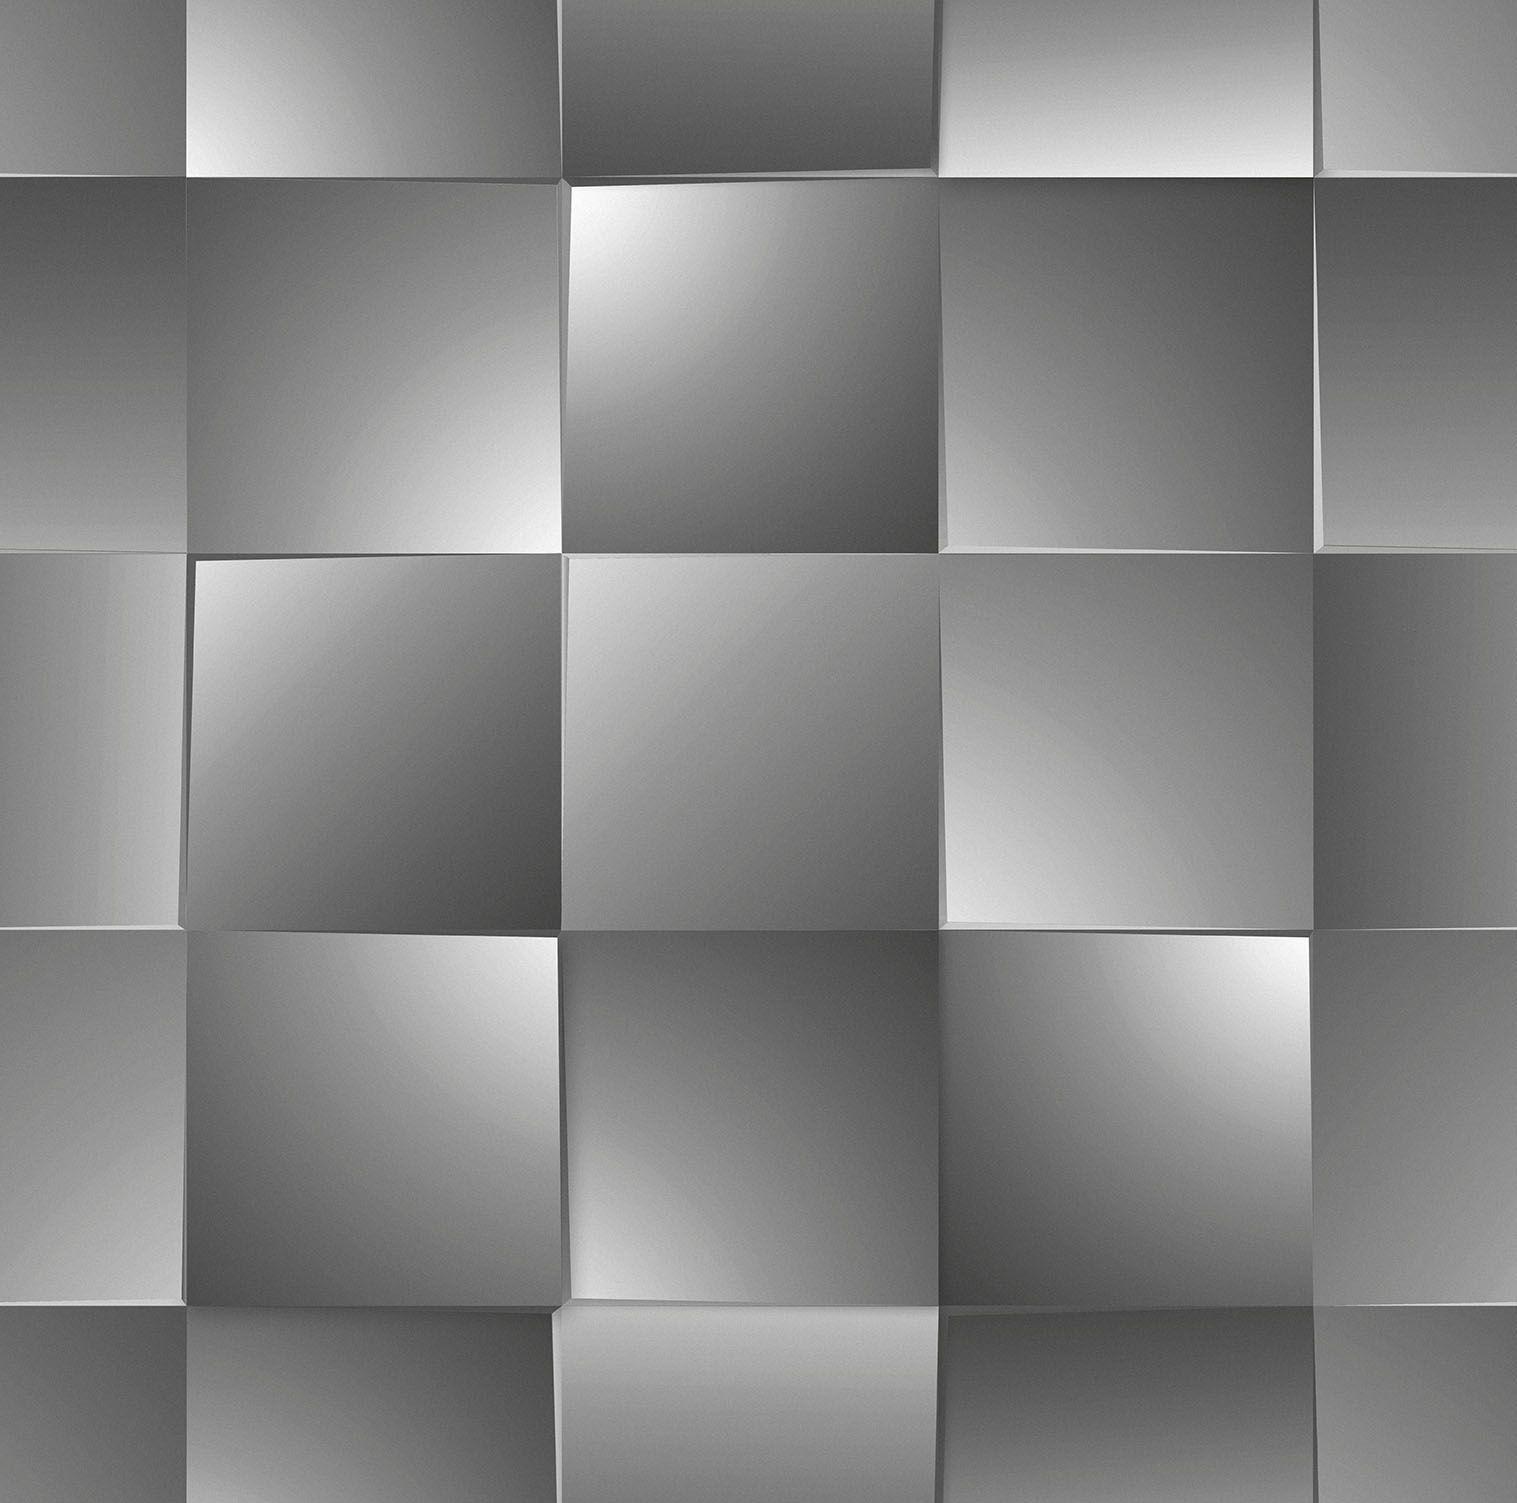 Papel de parede Bobinex Vinílico Coleção Dimensões Geométrico 3D Quadrado Preto, Marfim